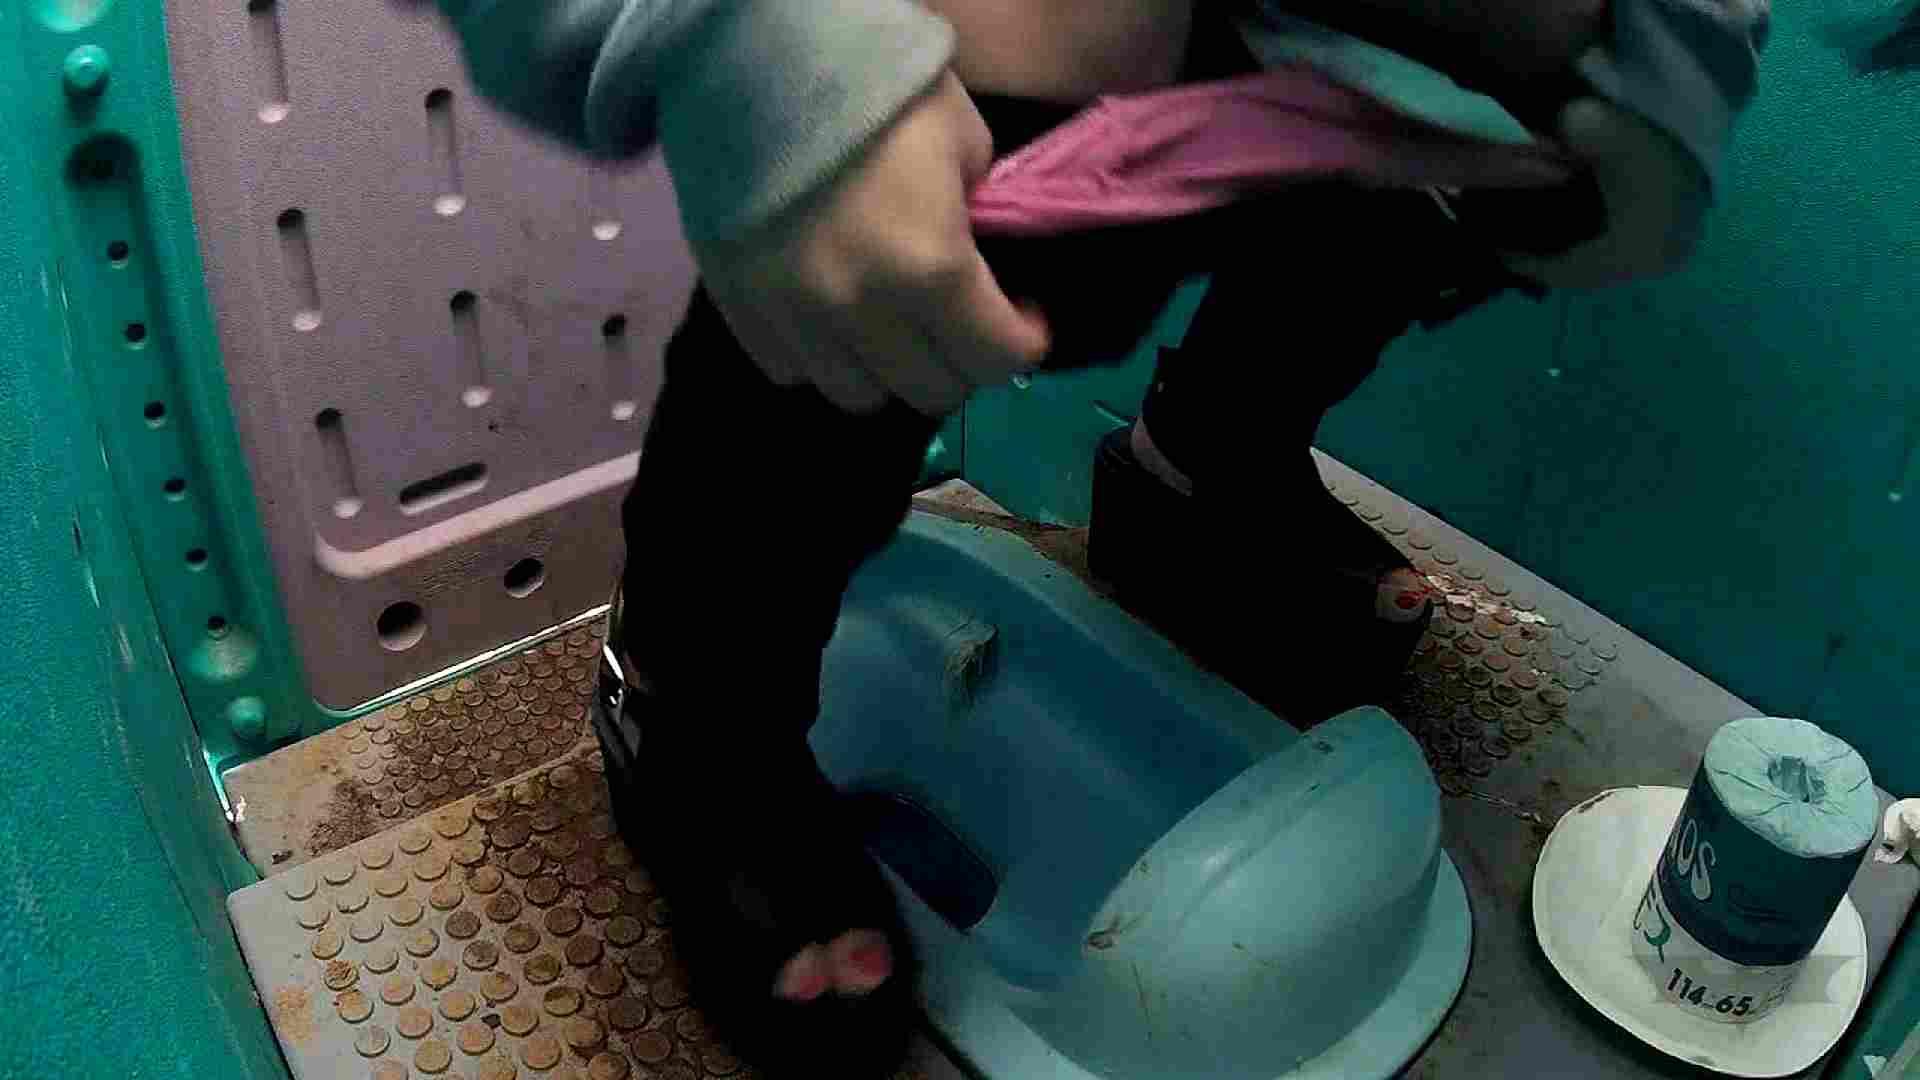 痴態洗面所 Vol.06 中が「マジヤバいヨネ!」洗面所 洗面所着替え | OL  100連発